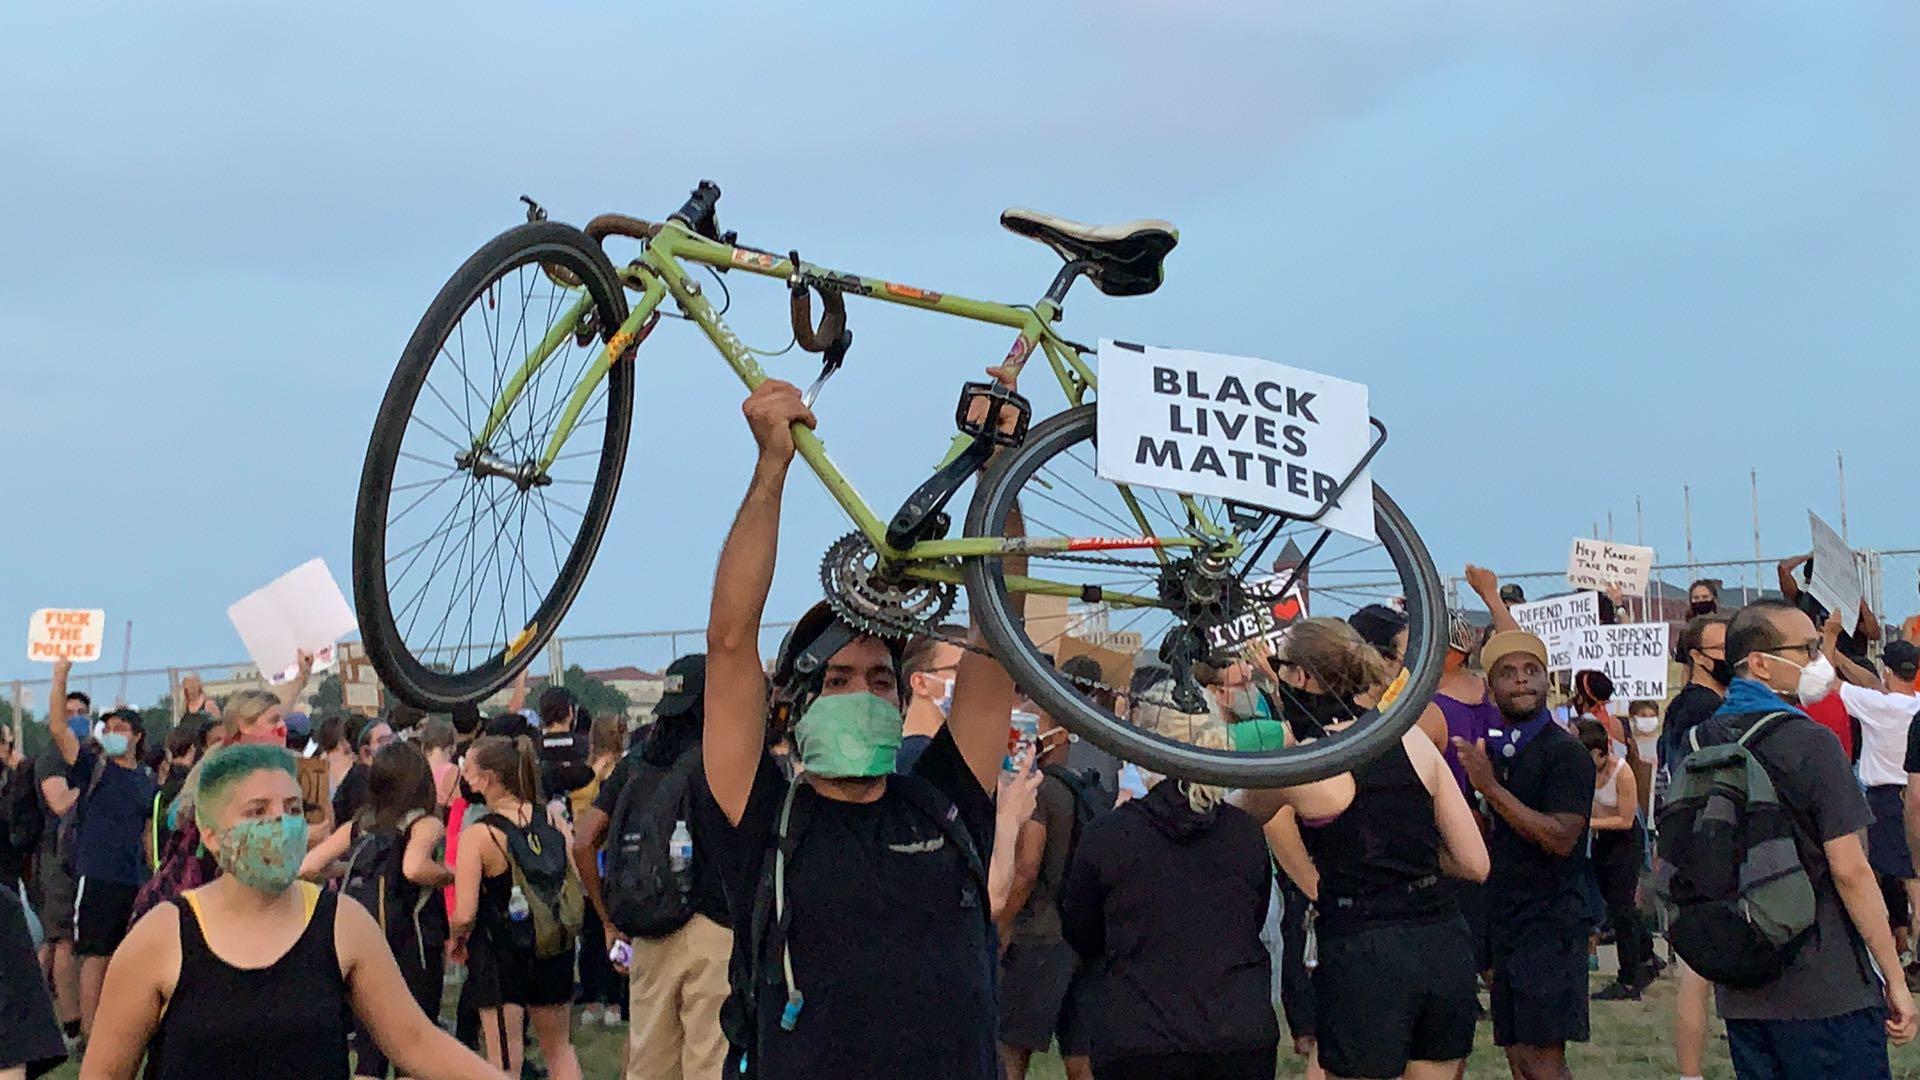 一群身穿黑T恤的示威民眾聚集在華盛頓紀念碑前高喊「黑人的命也是命」。(記者張筠 / 攝影)